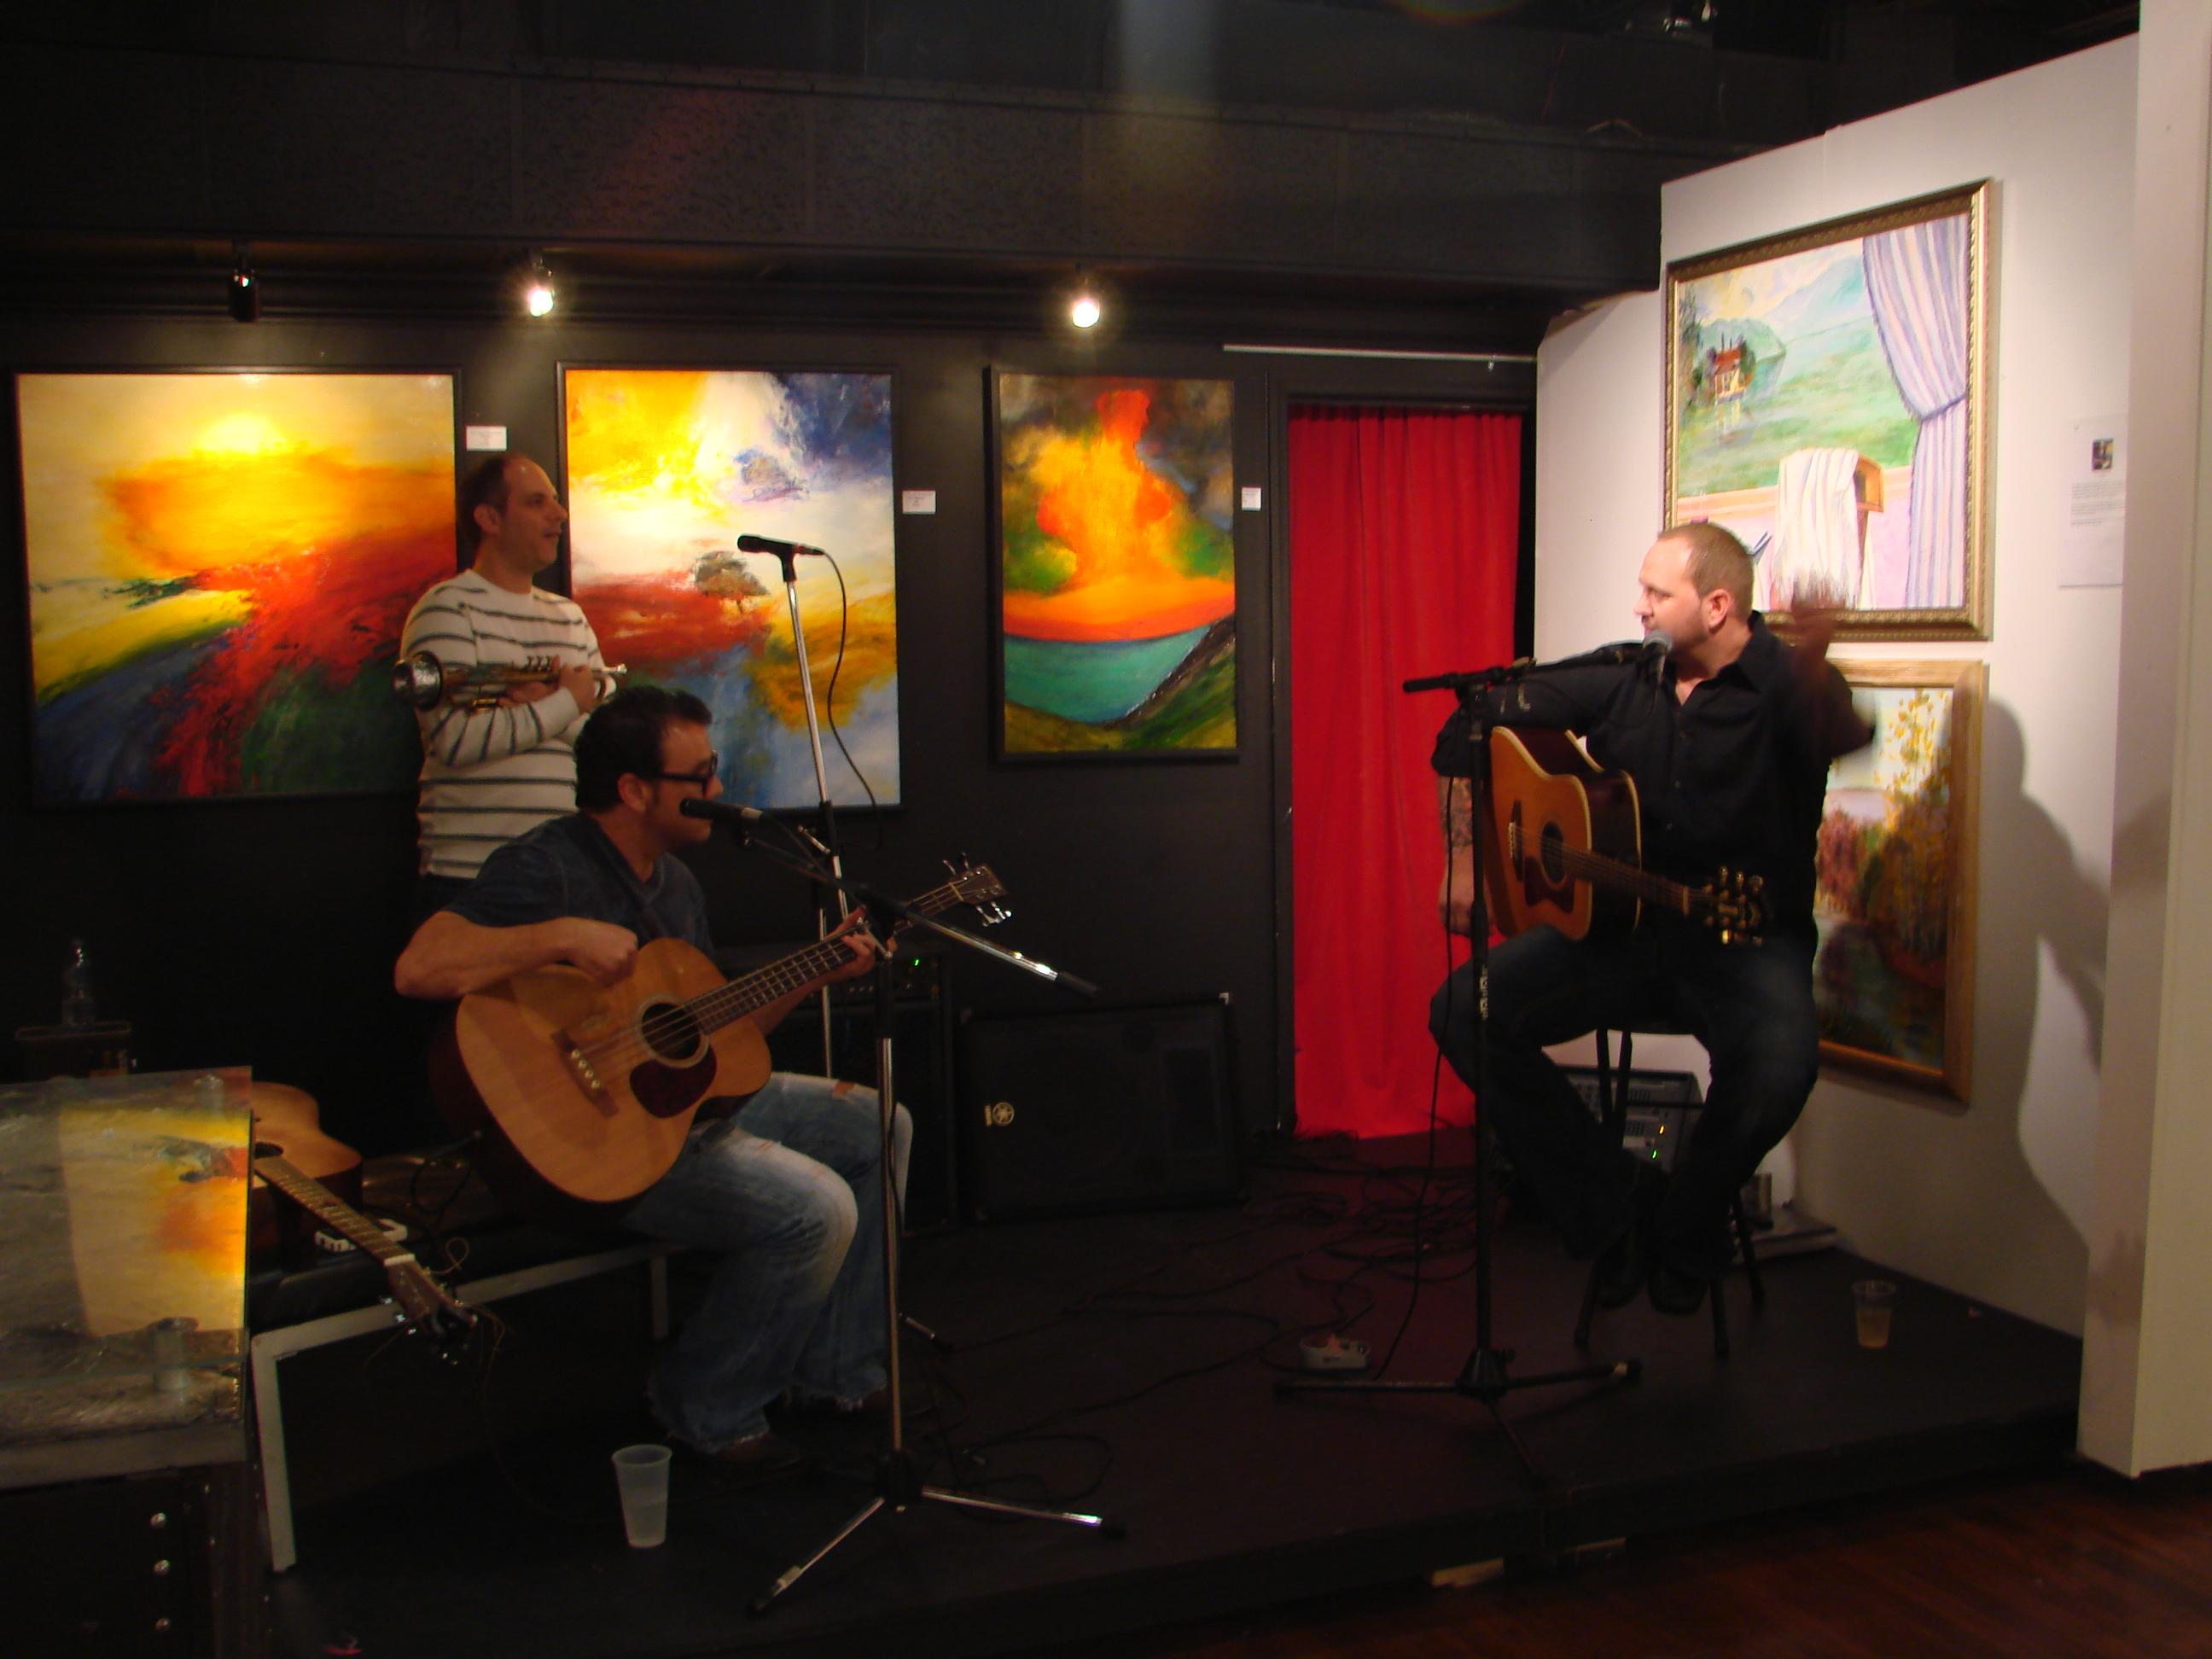 2012 Gallery 101 Ft Lauderdale_004